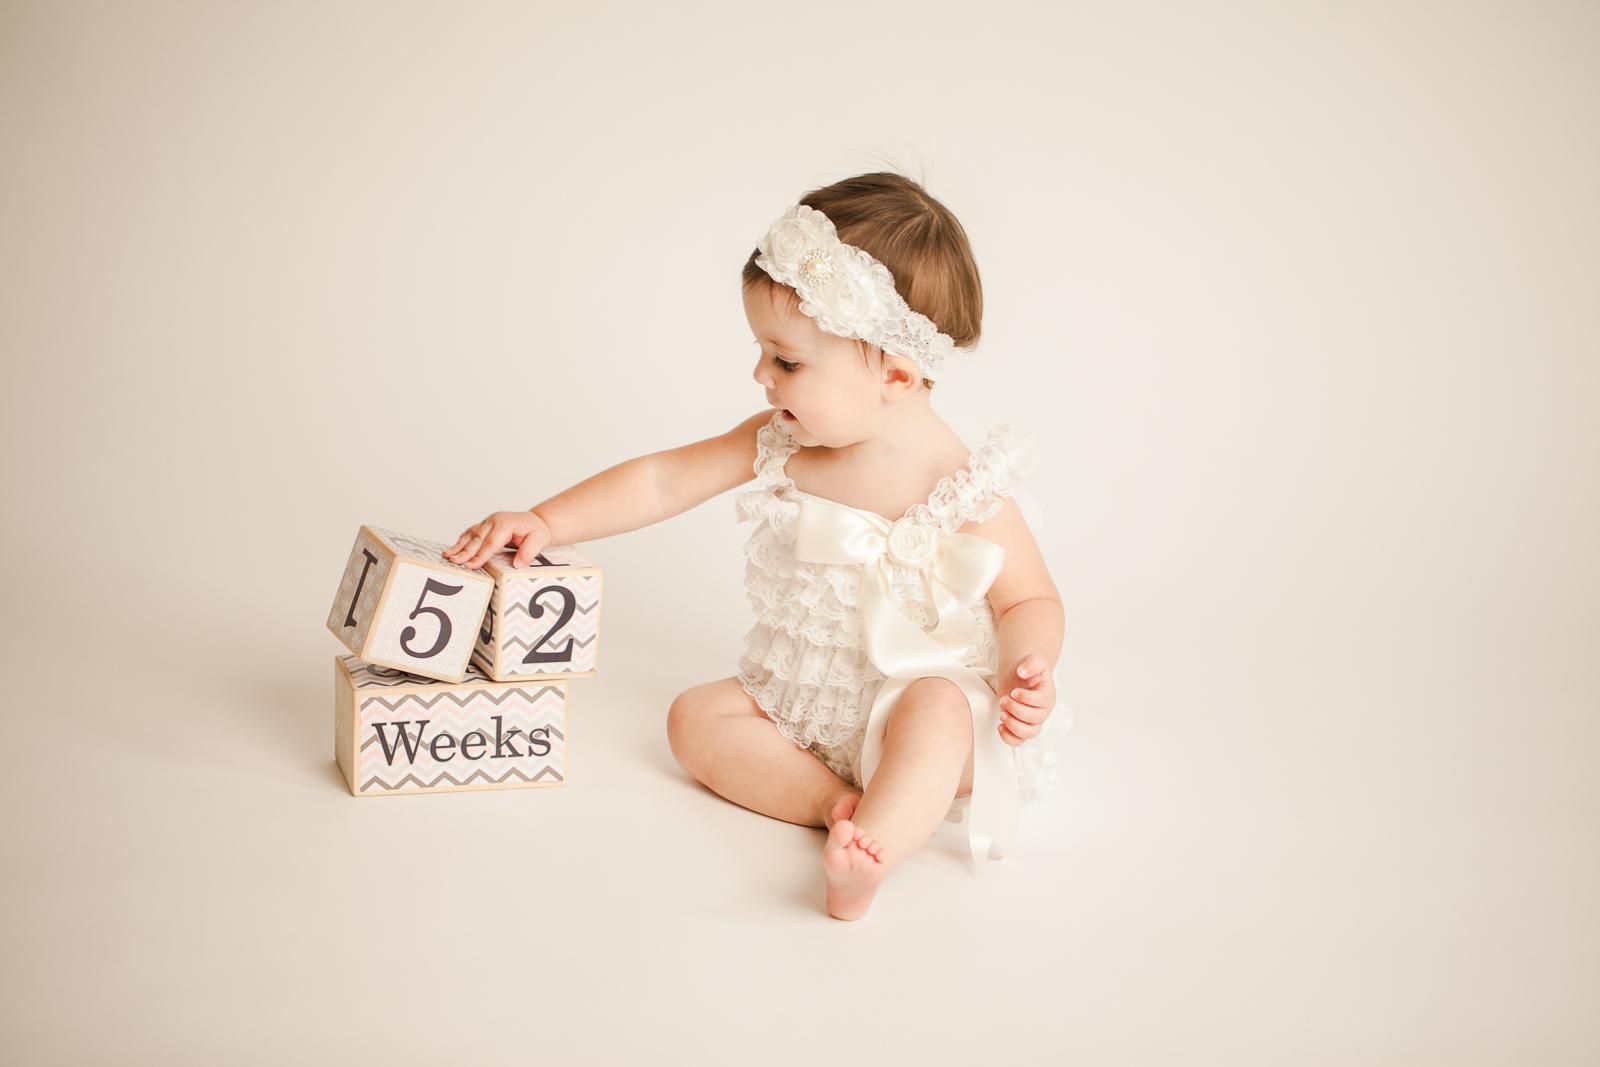 cake-smash-one-year-old-photographer-lafayette-indiana-12.jpg